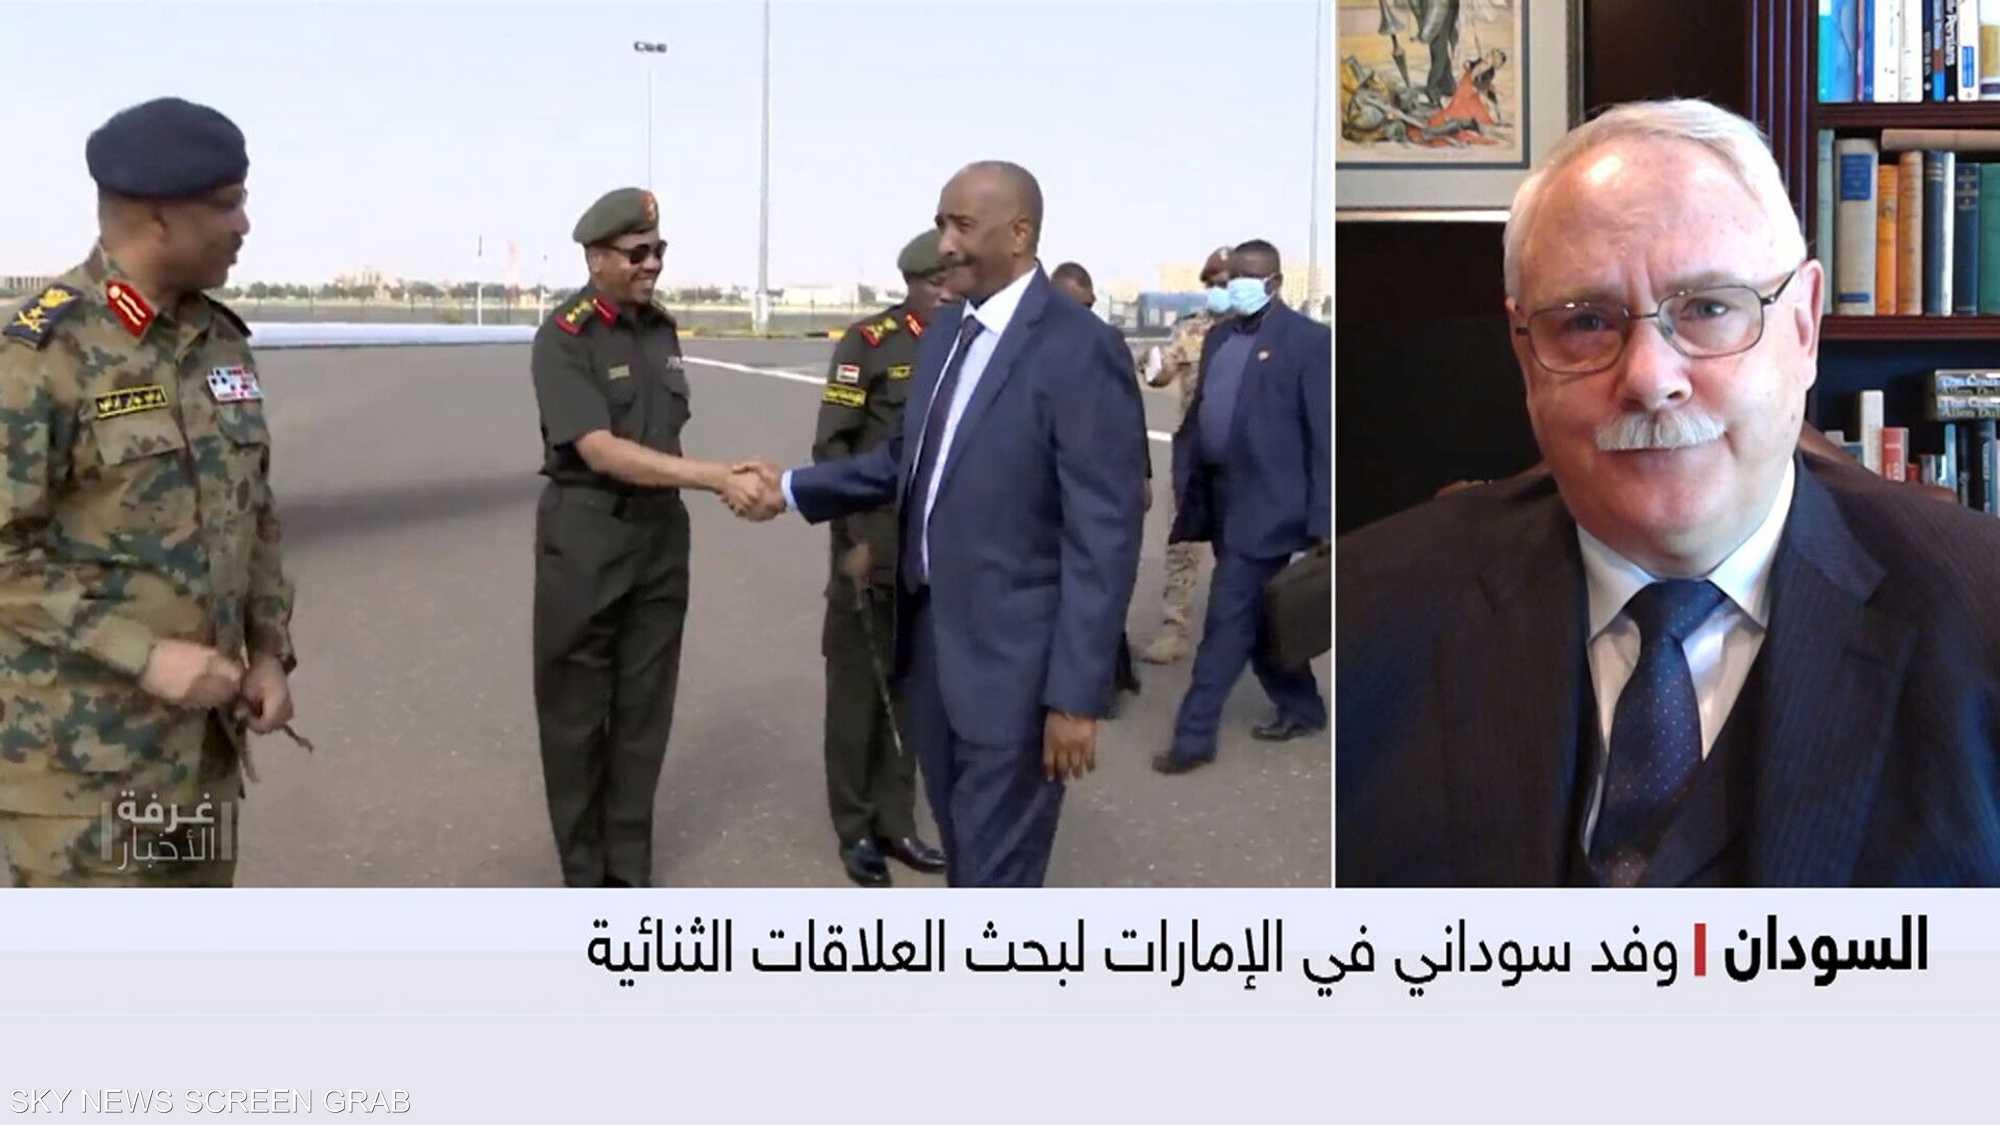 وفد سوداني في الإمارات لبحث العلاقات الثنائية